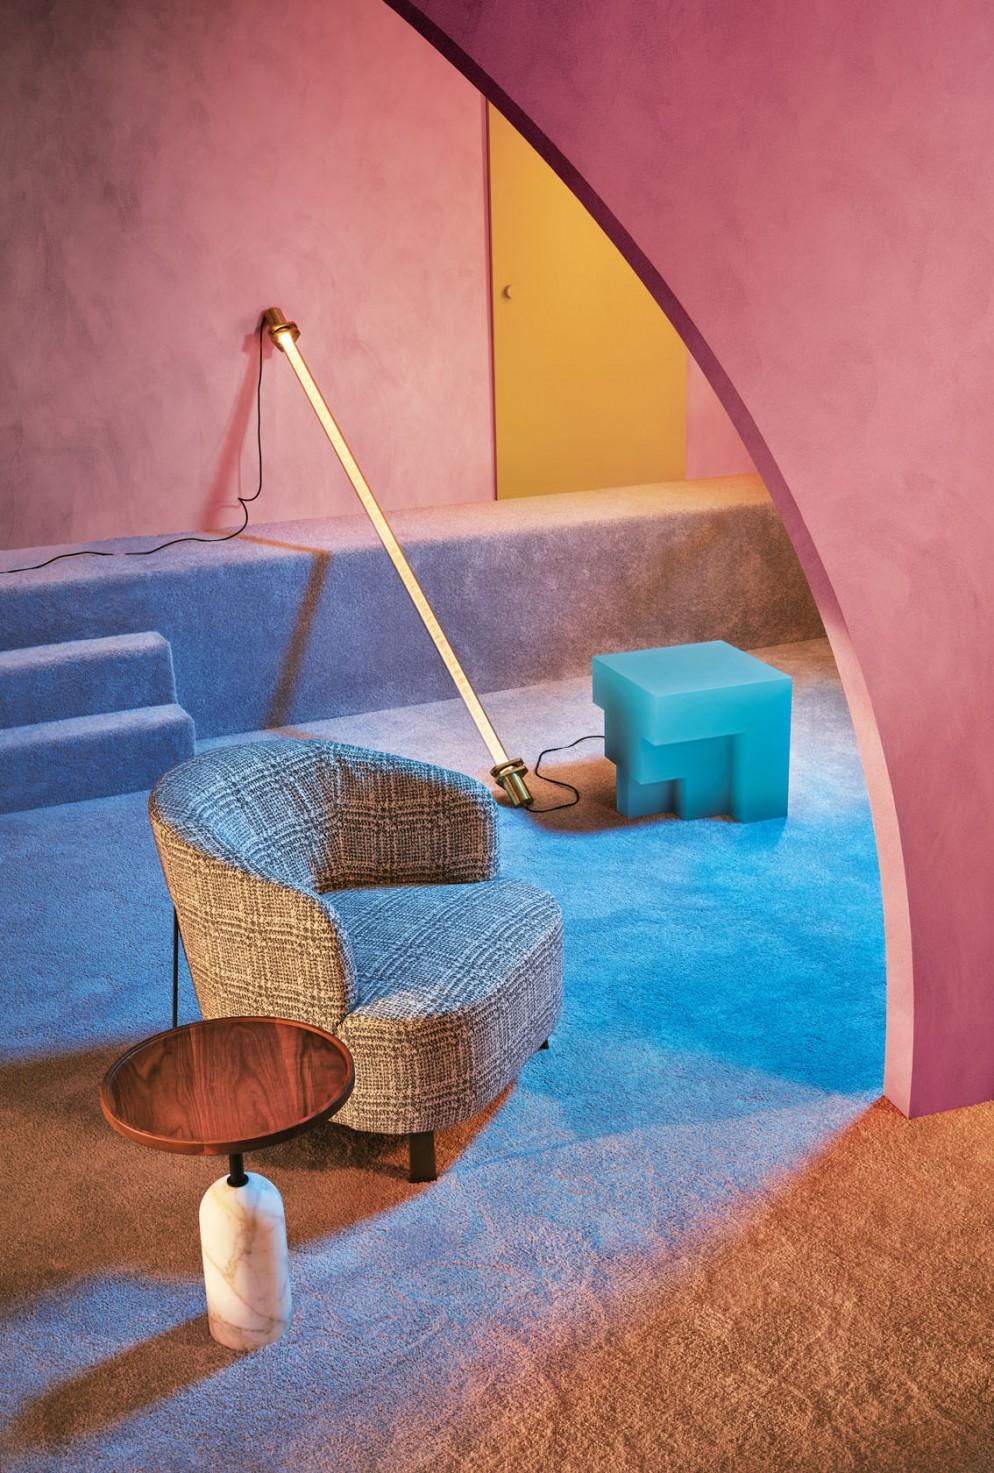 idee-arredare-casa-lampade-divani-sedie-letti-poltrone-design-issue-living-corriere-06